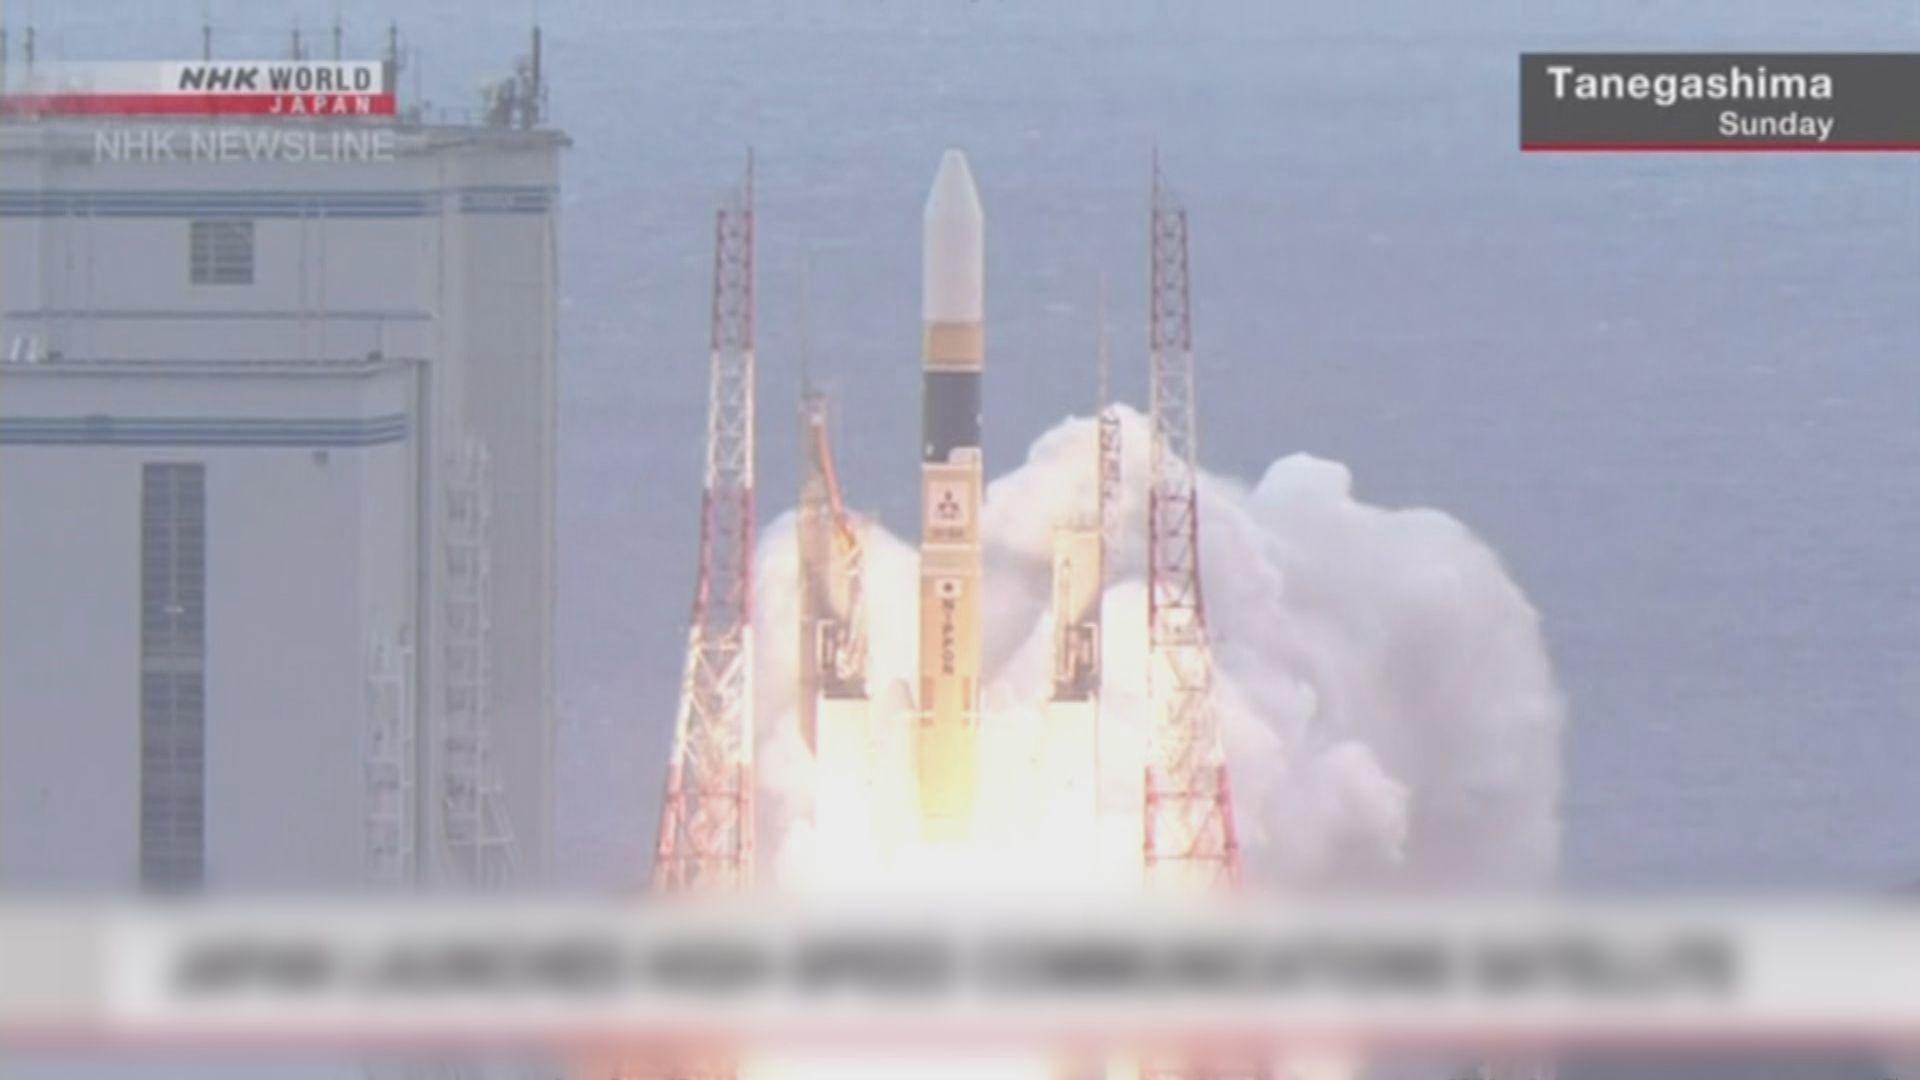 【環球薈報】日本成功發射傳送數據衛星